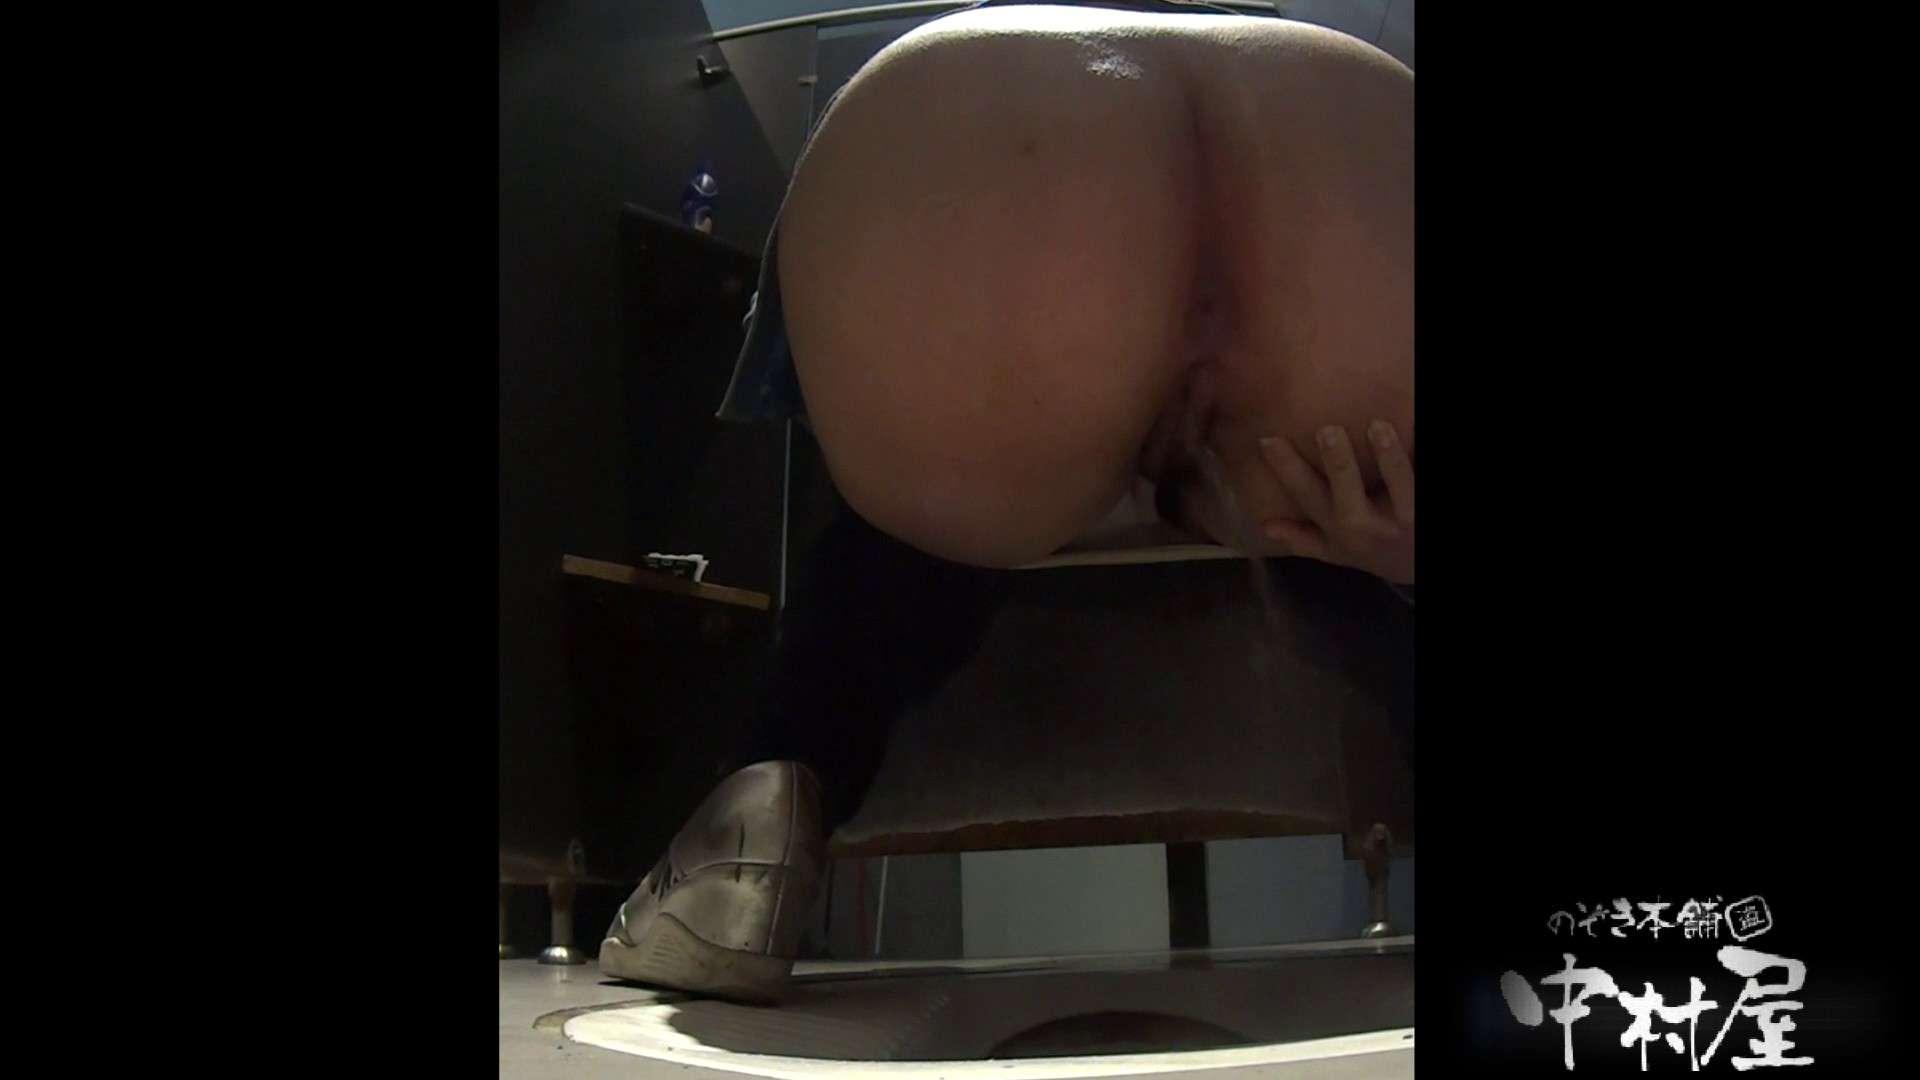 お尻に出来てるオデキがキュート 大学休憩時間の洗面所事情20 美女丸裸 | 盗撮師作品  86pic 31